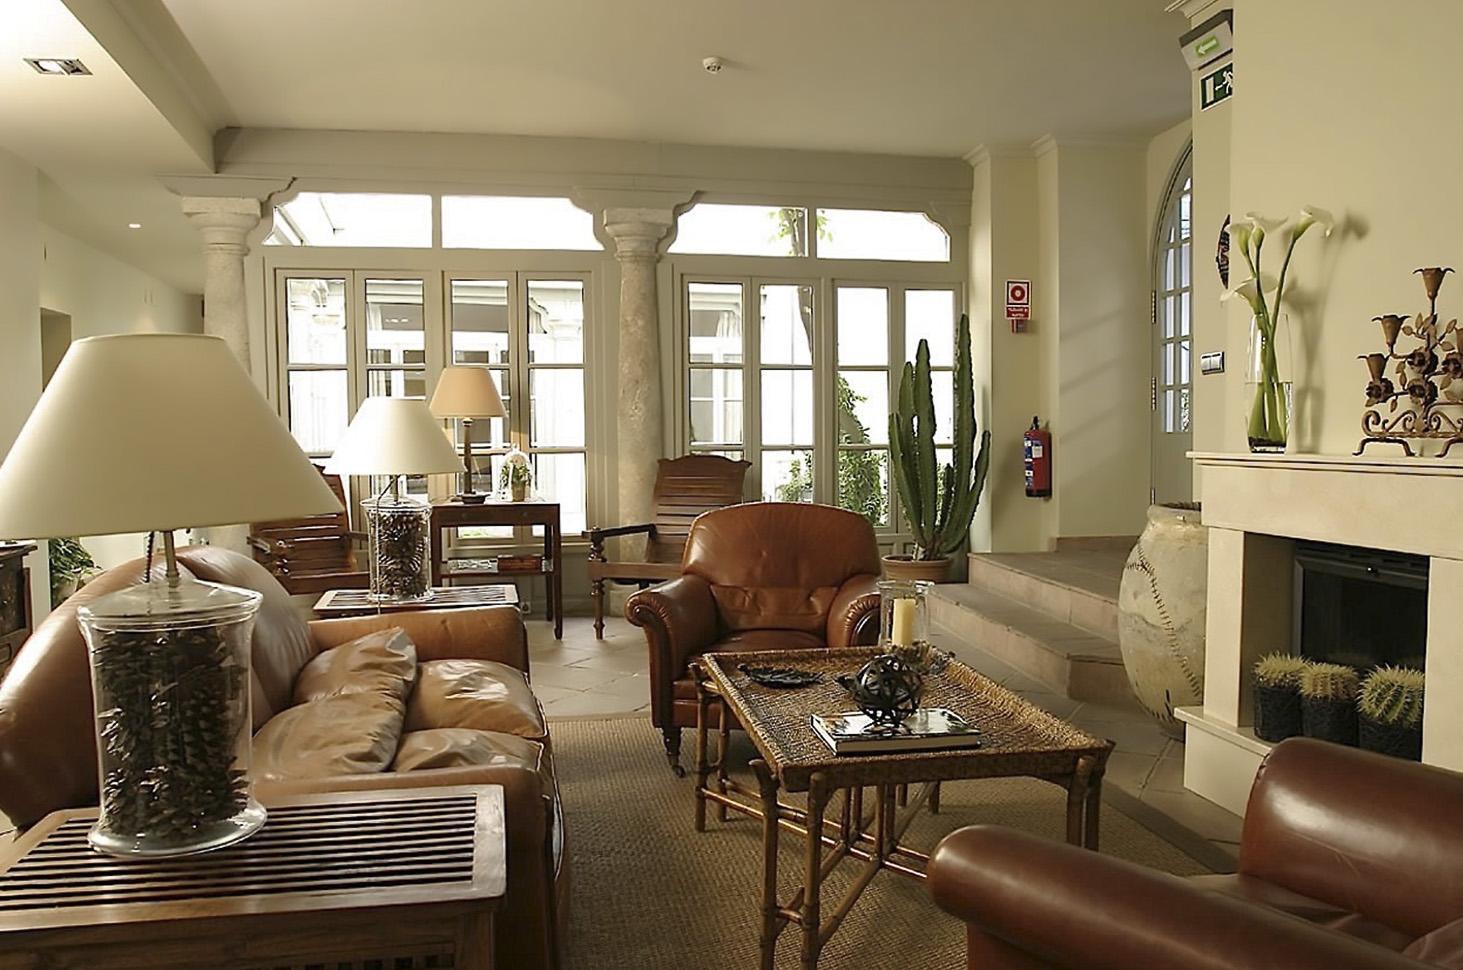 ventanas-hotel-casa-rey-baeza-15